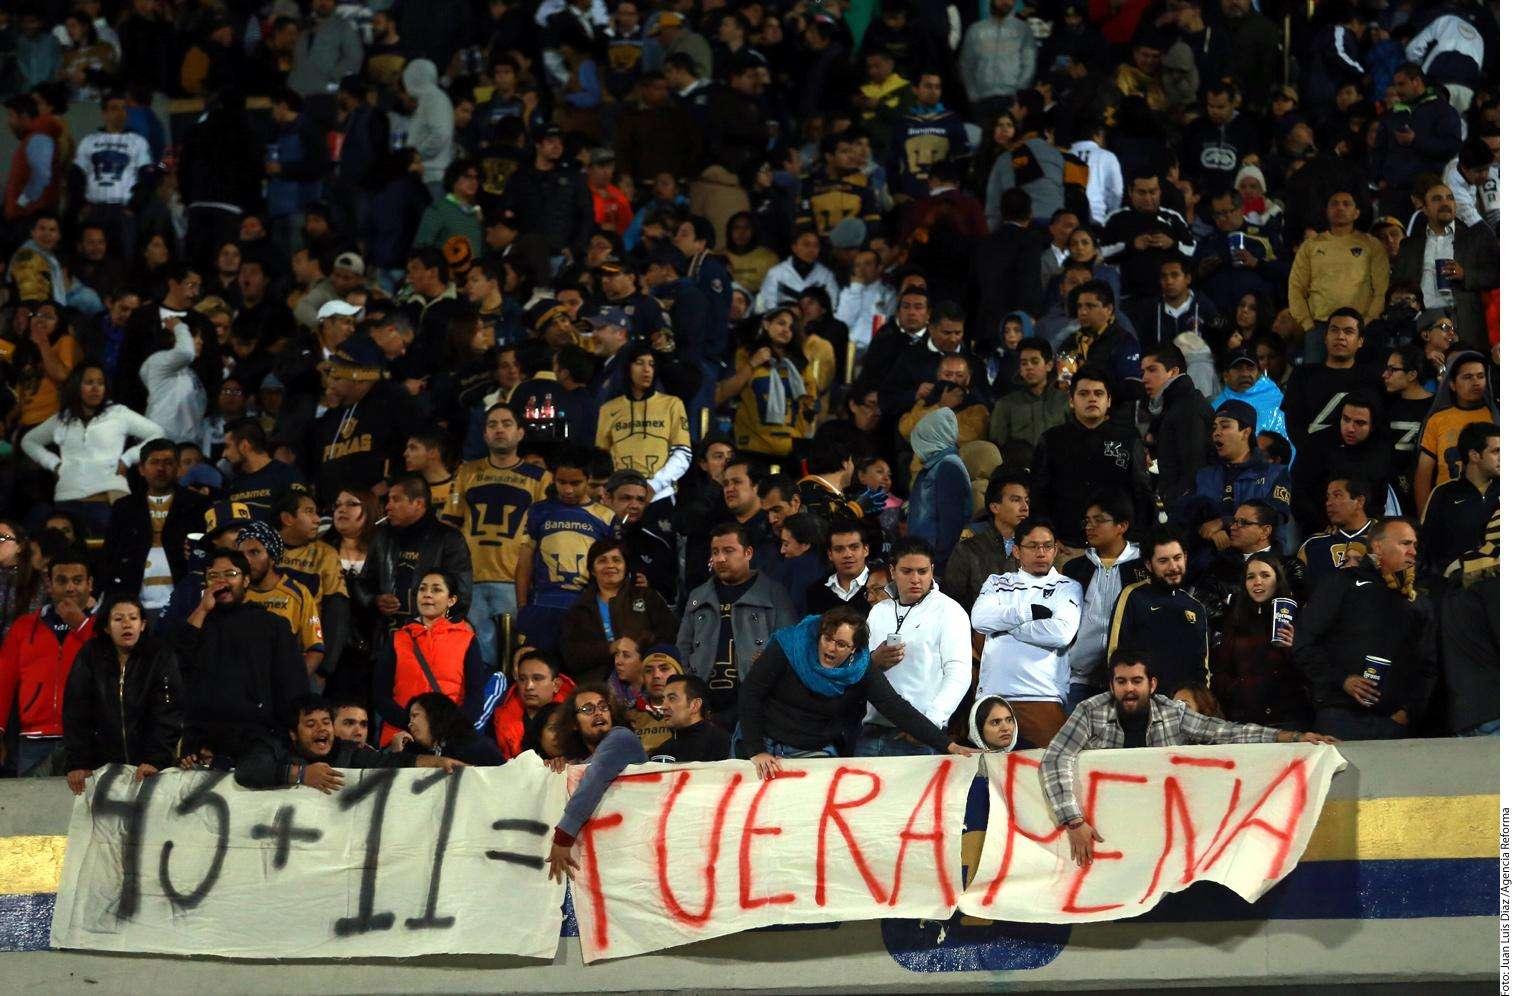 Mantas por normalistas de Ayotzinapa Foto: Agencia Reforma